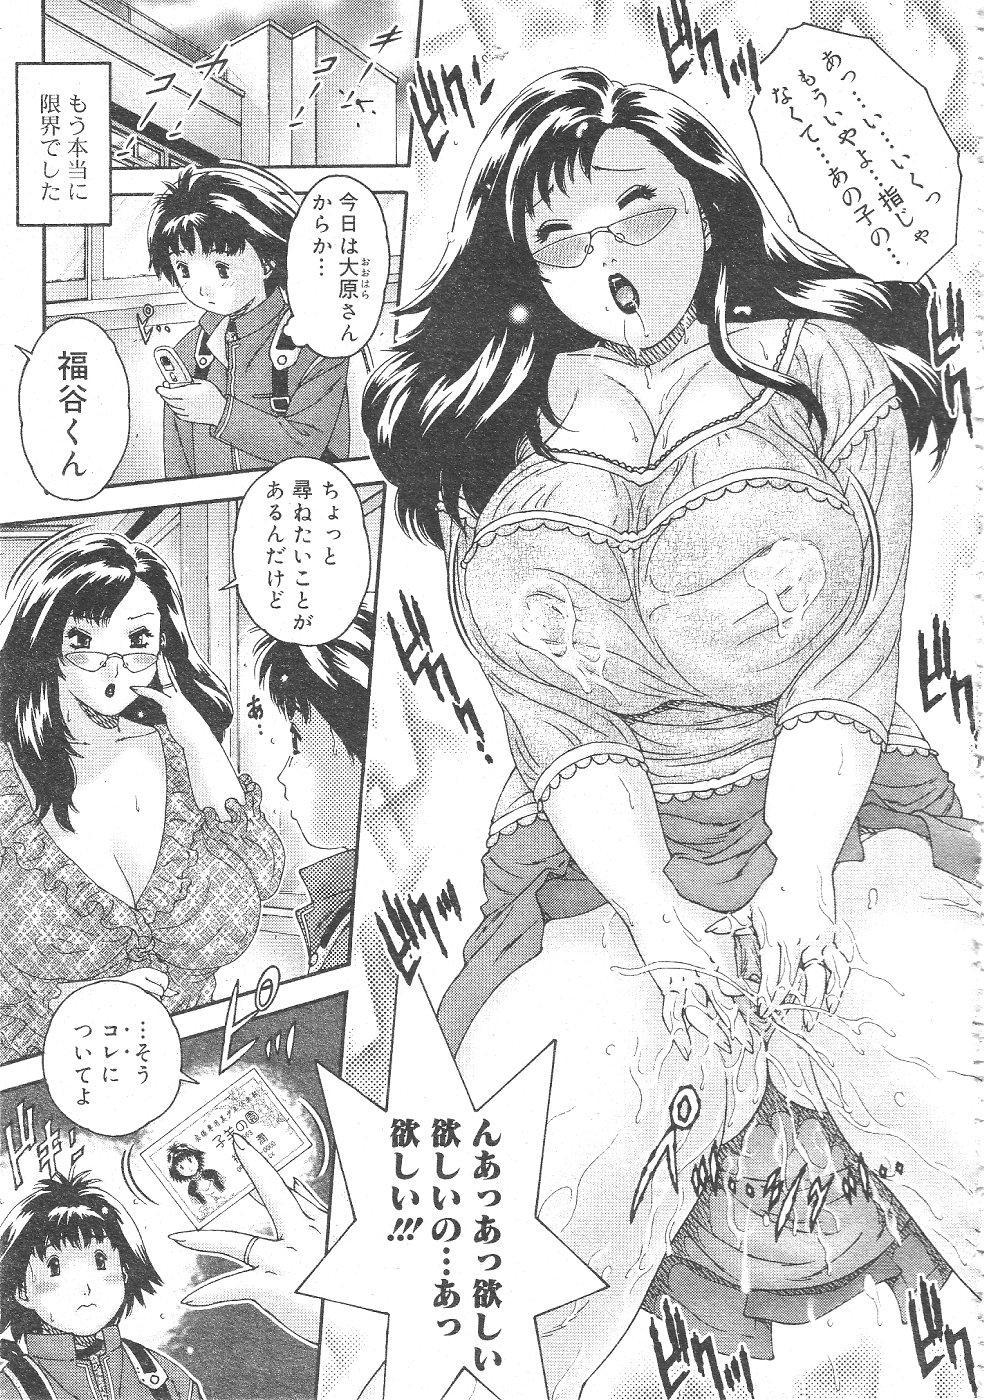 Gekkan Comic Muga 2004-06 Vol.10 190